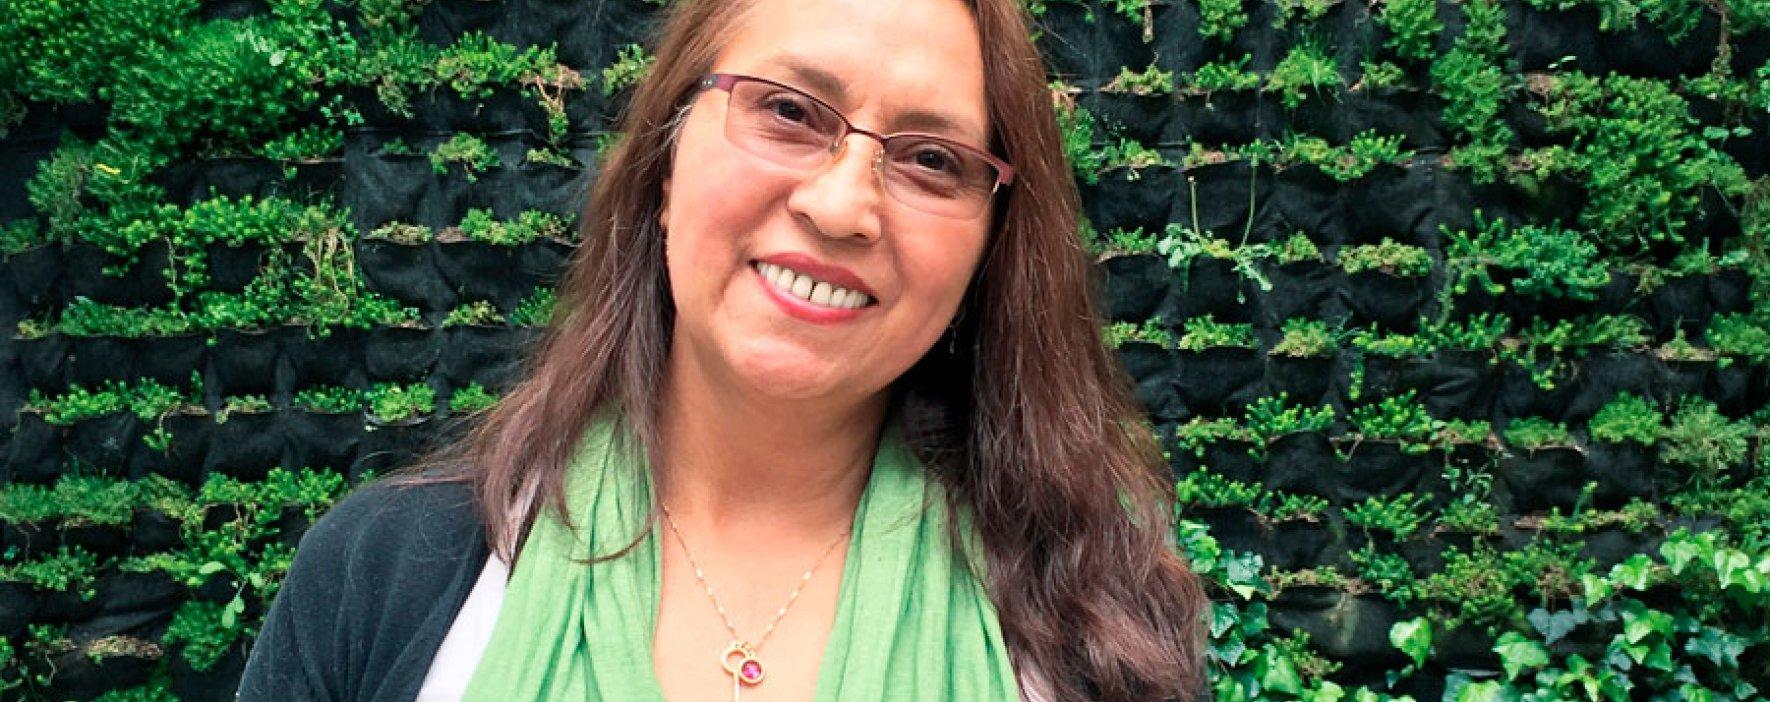 Nancy Medina: entre gatos y experiencias